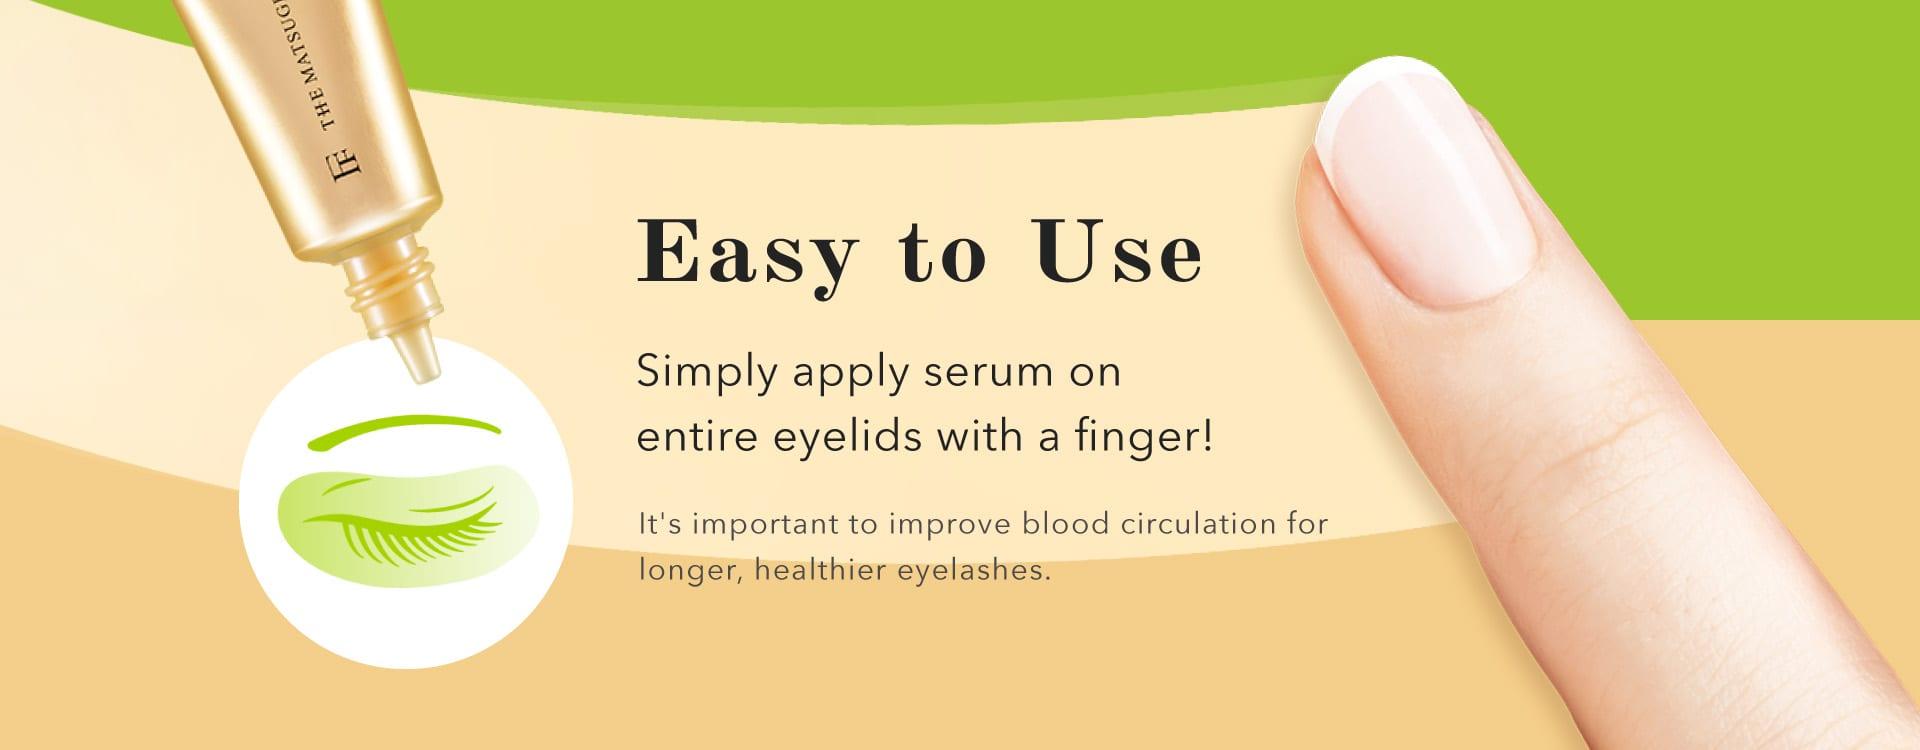 Flowfushi Eyelash Serum - Product Benefits 05